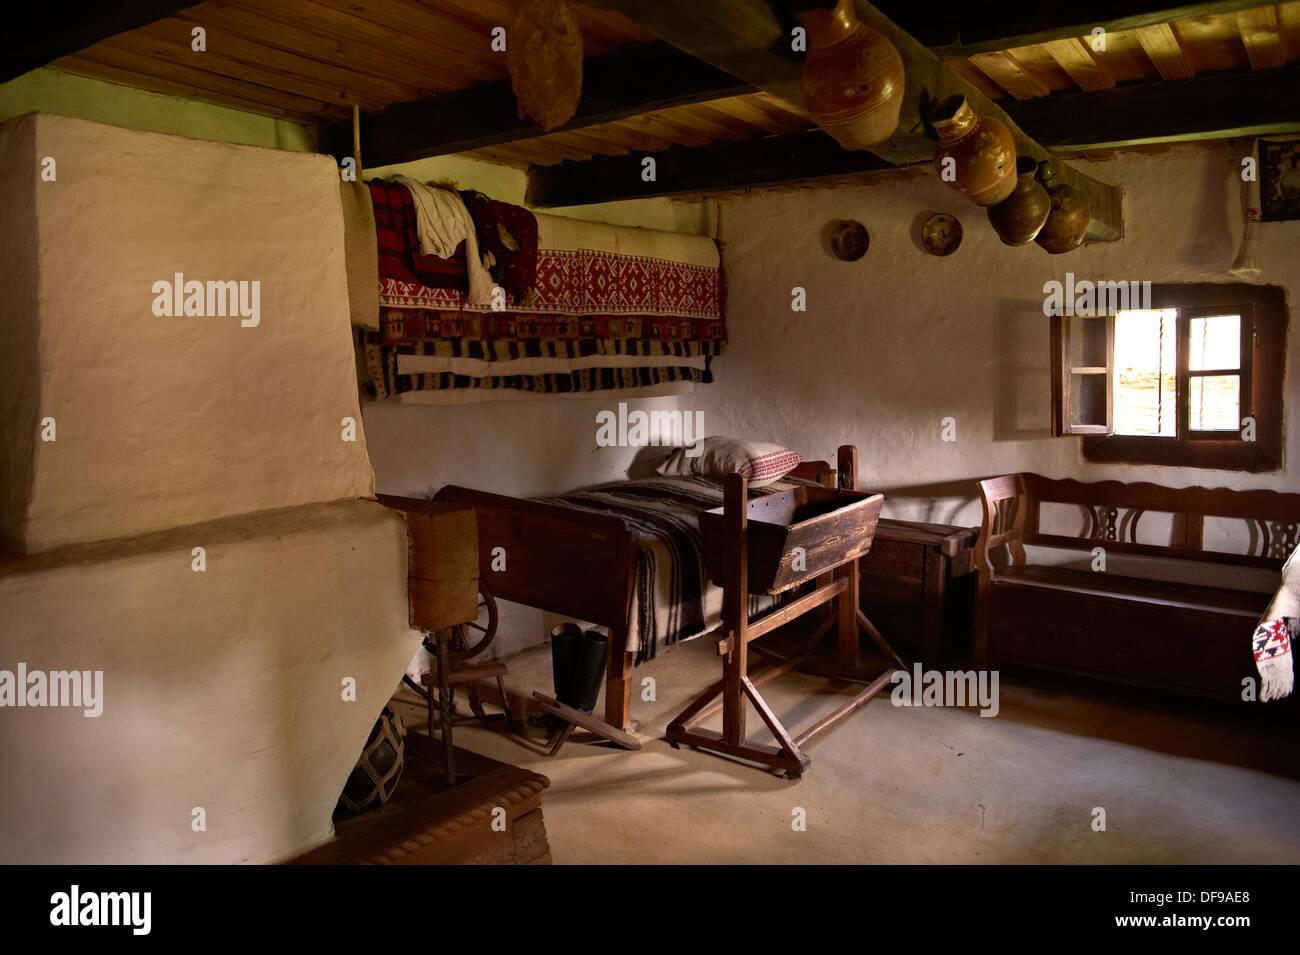 Arredamento Rustico Casa arredamento rustico di una casa in legno della valle izei di